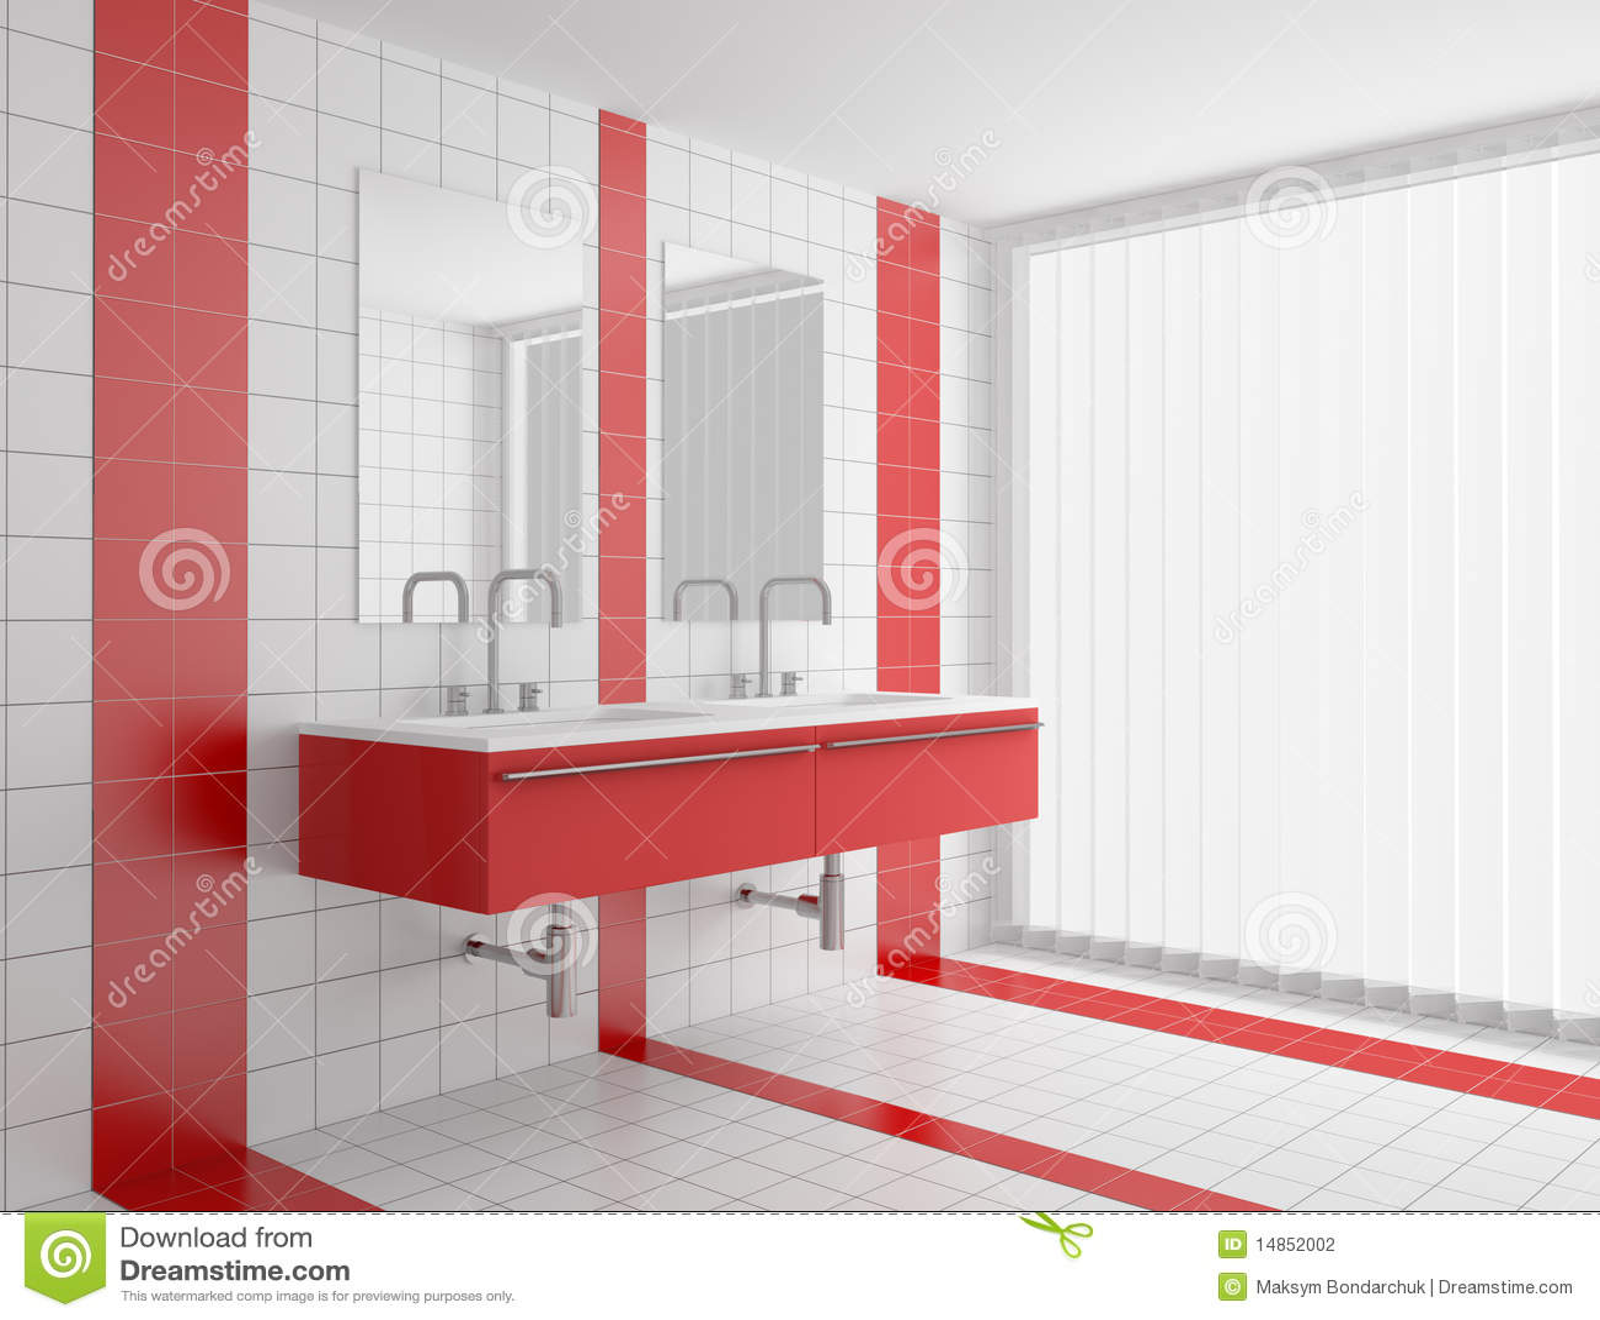 Cuarto de baño moderno con los azulejos rojos y blancos en la pared y